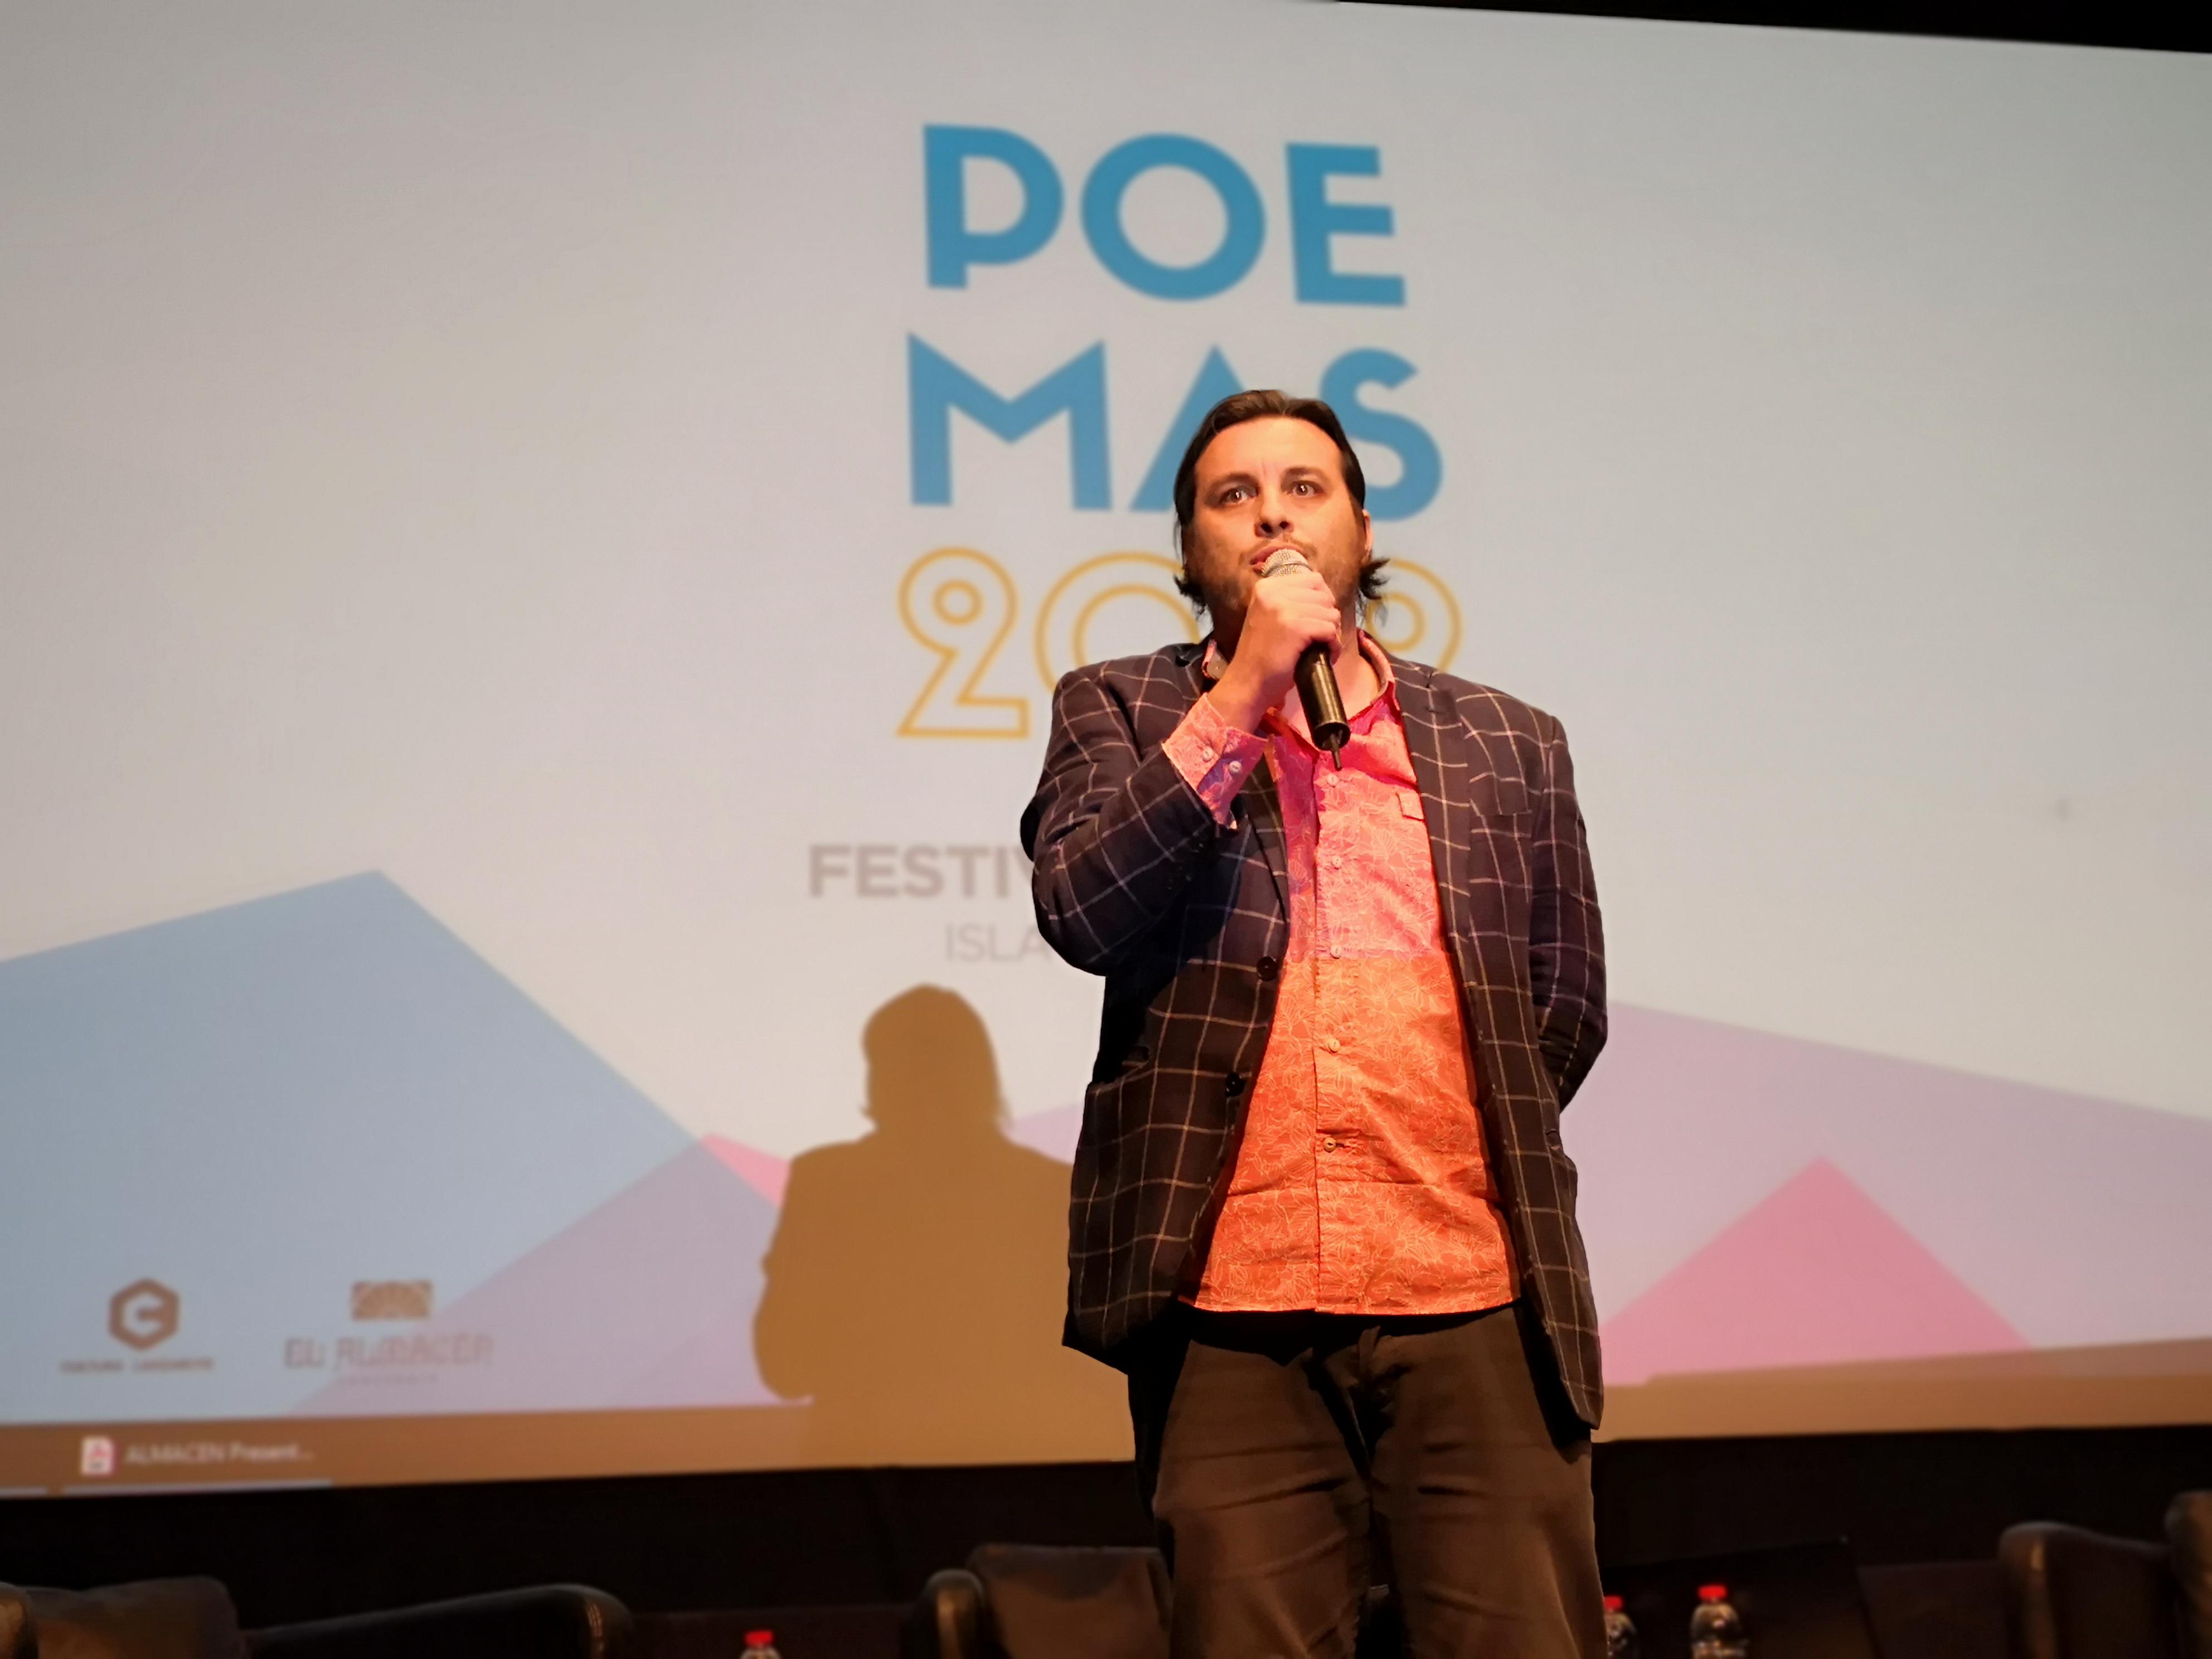 José Manuel Díez presenta el Festival de Poesía en Lanzarote, Enero 2019